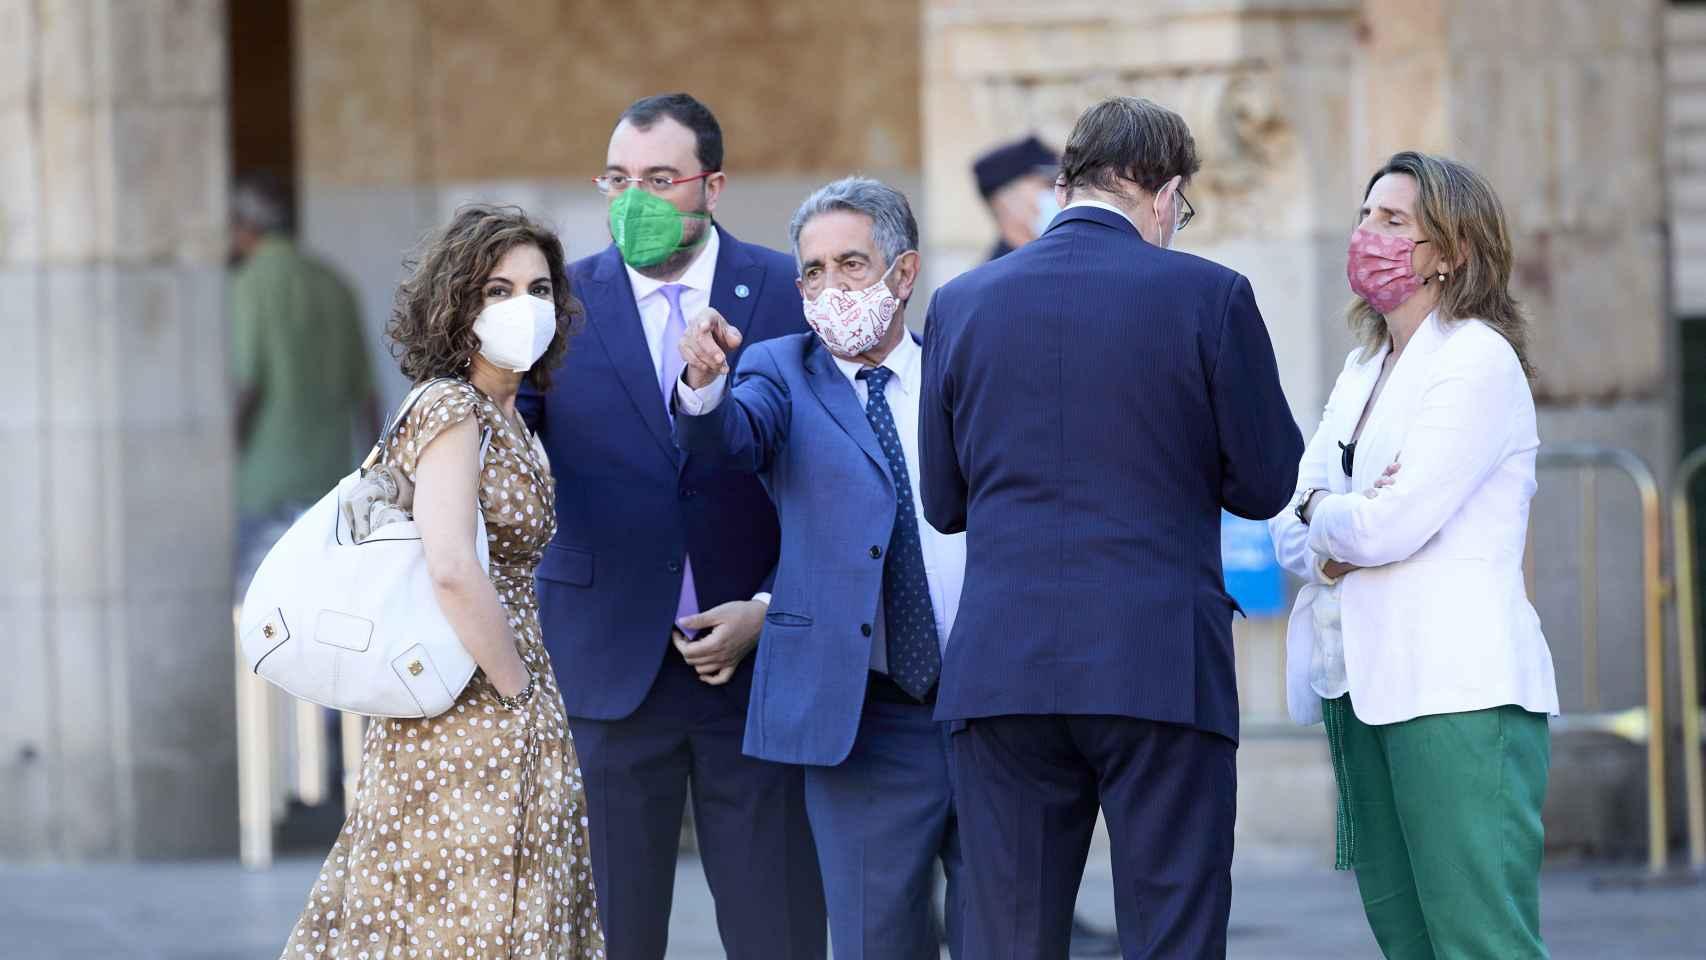 La XXIV Conferencia de Presidentes, en imágenes: vivas al Rey, insultos a Sánchez y ni rastro de Aragonès